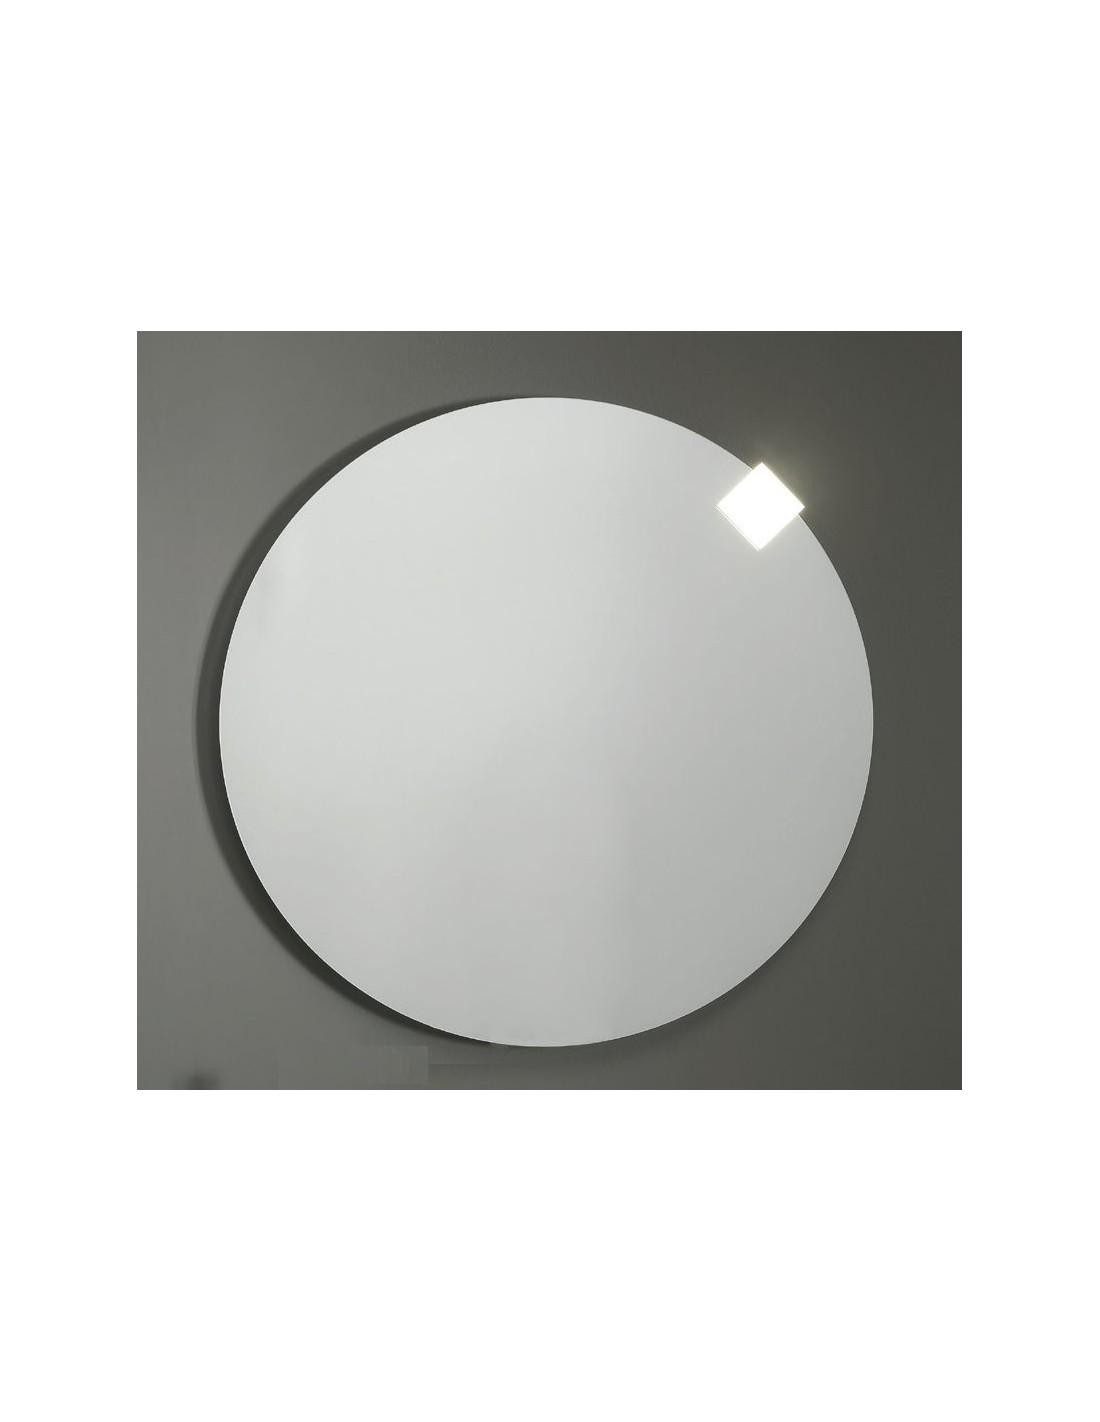 ogledalo-z-led-svetilko-kolpa-san-okroglo.jpg